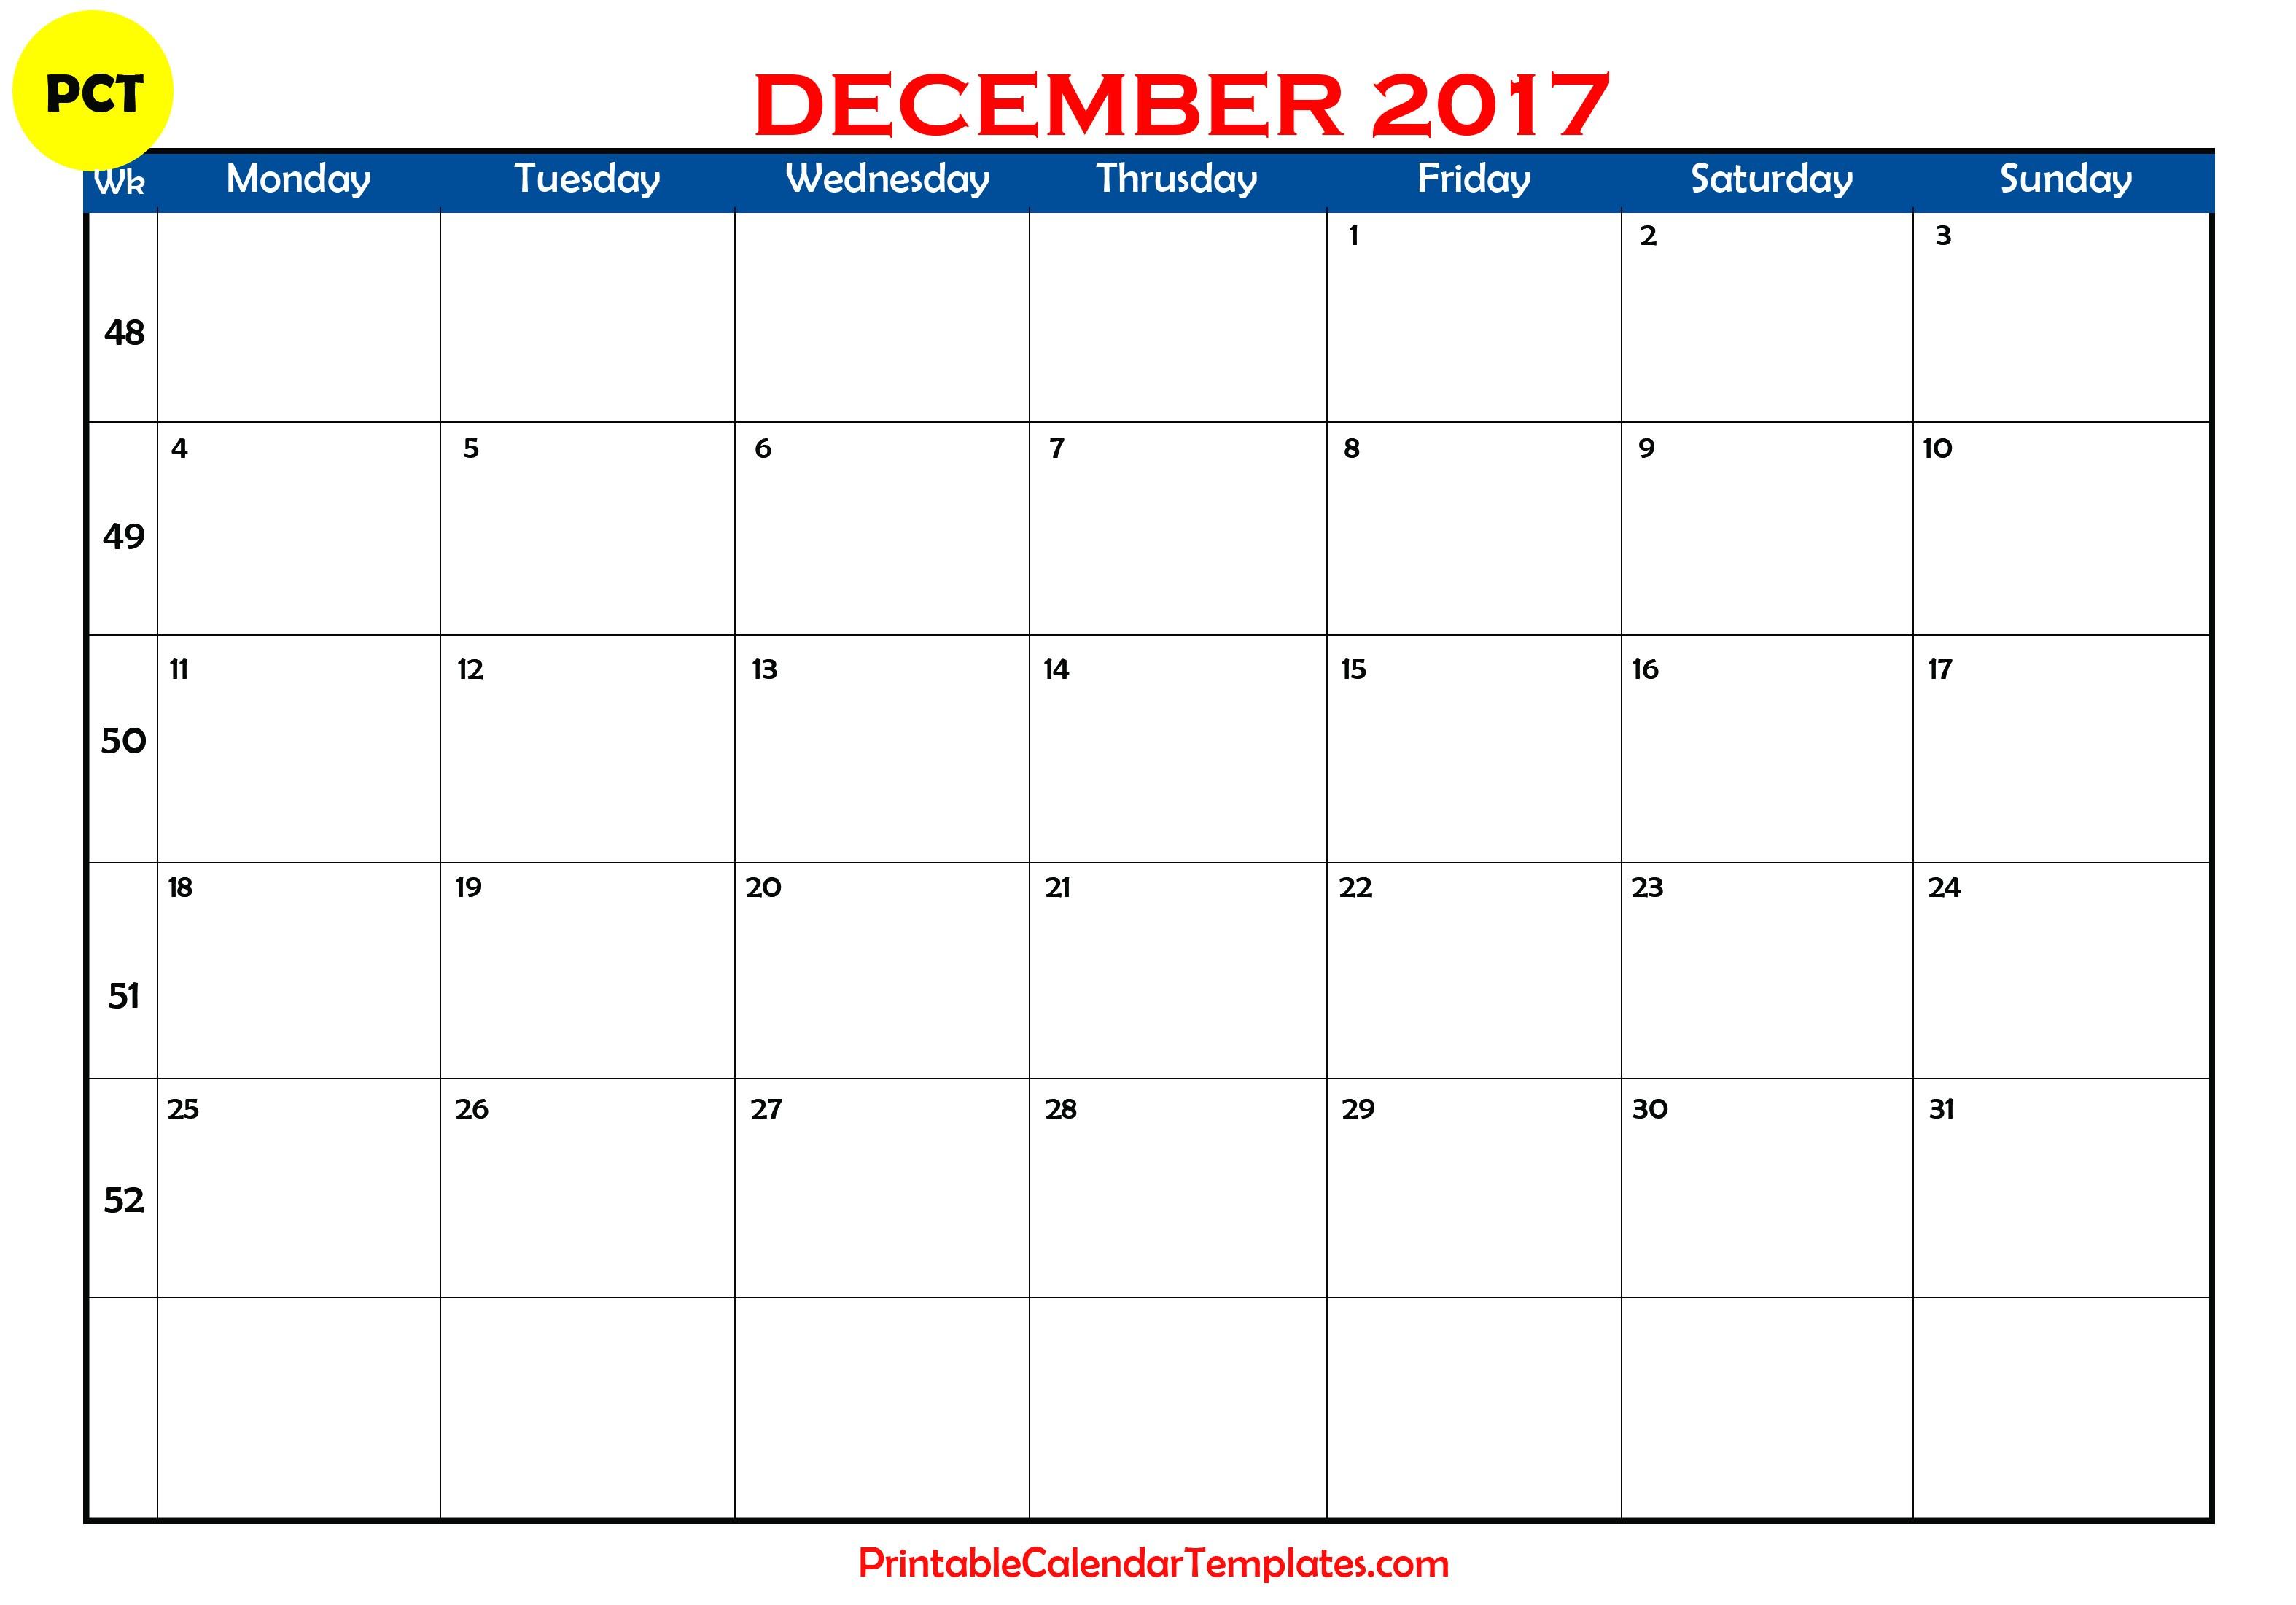 December 2017 Calendar Printable Printable Calendar Templates